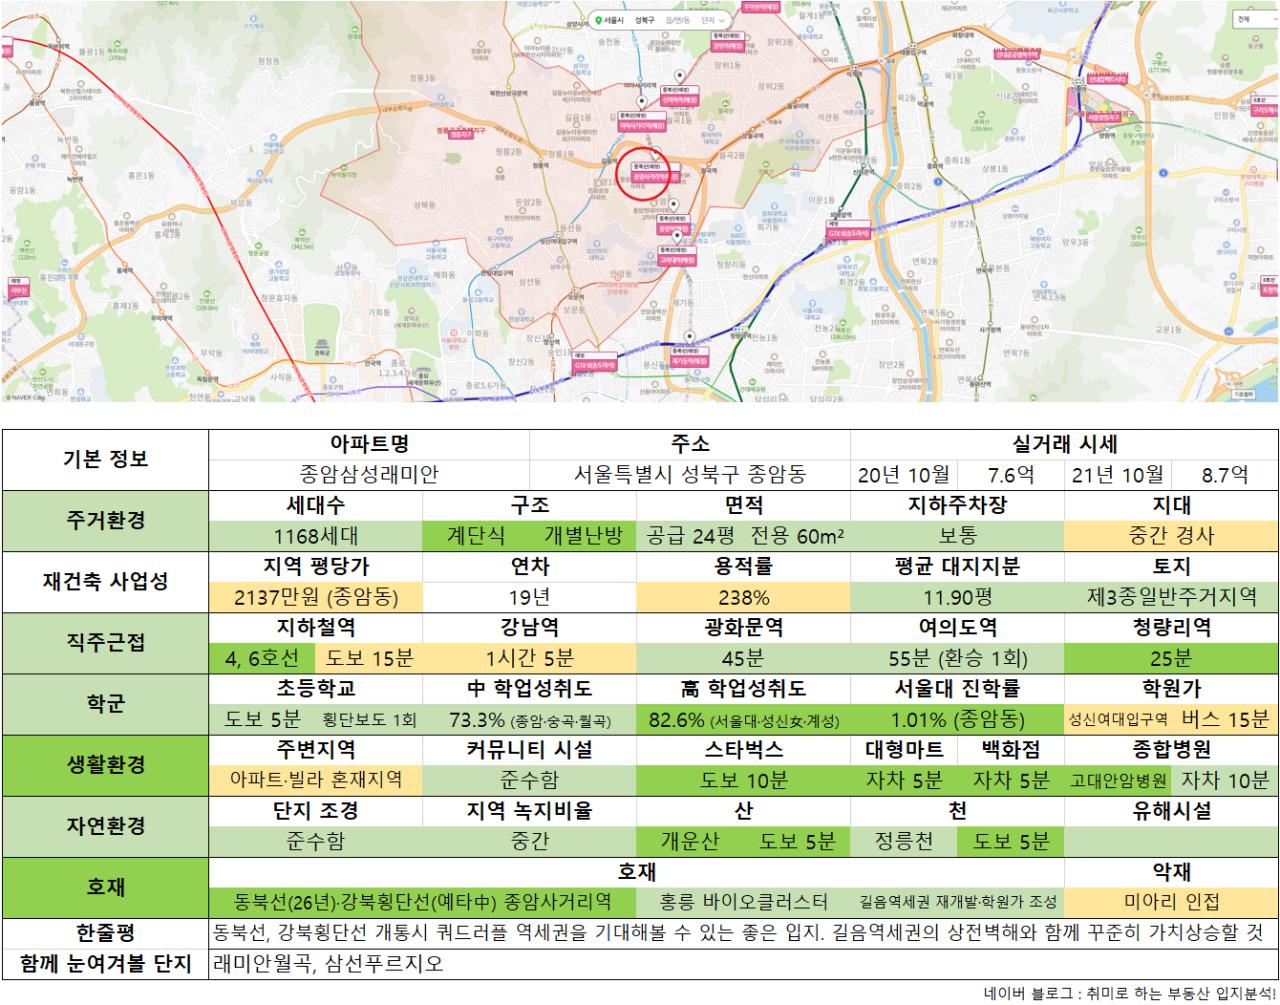 10_종암삼성래미안.png 수도권 9억 이하 아파트 추천 (ver. 21년 10월)